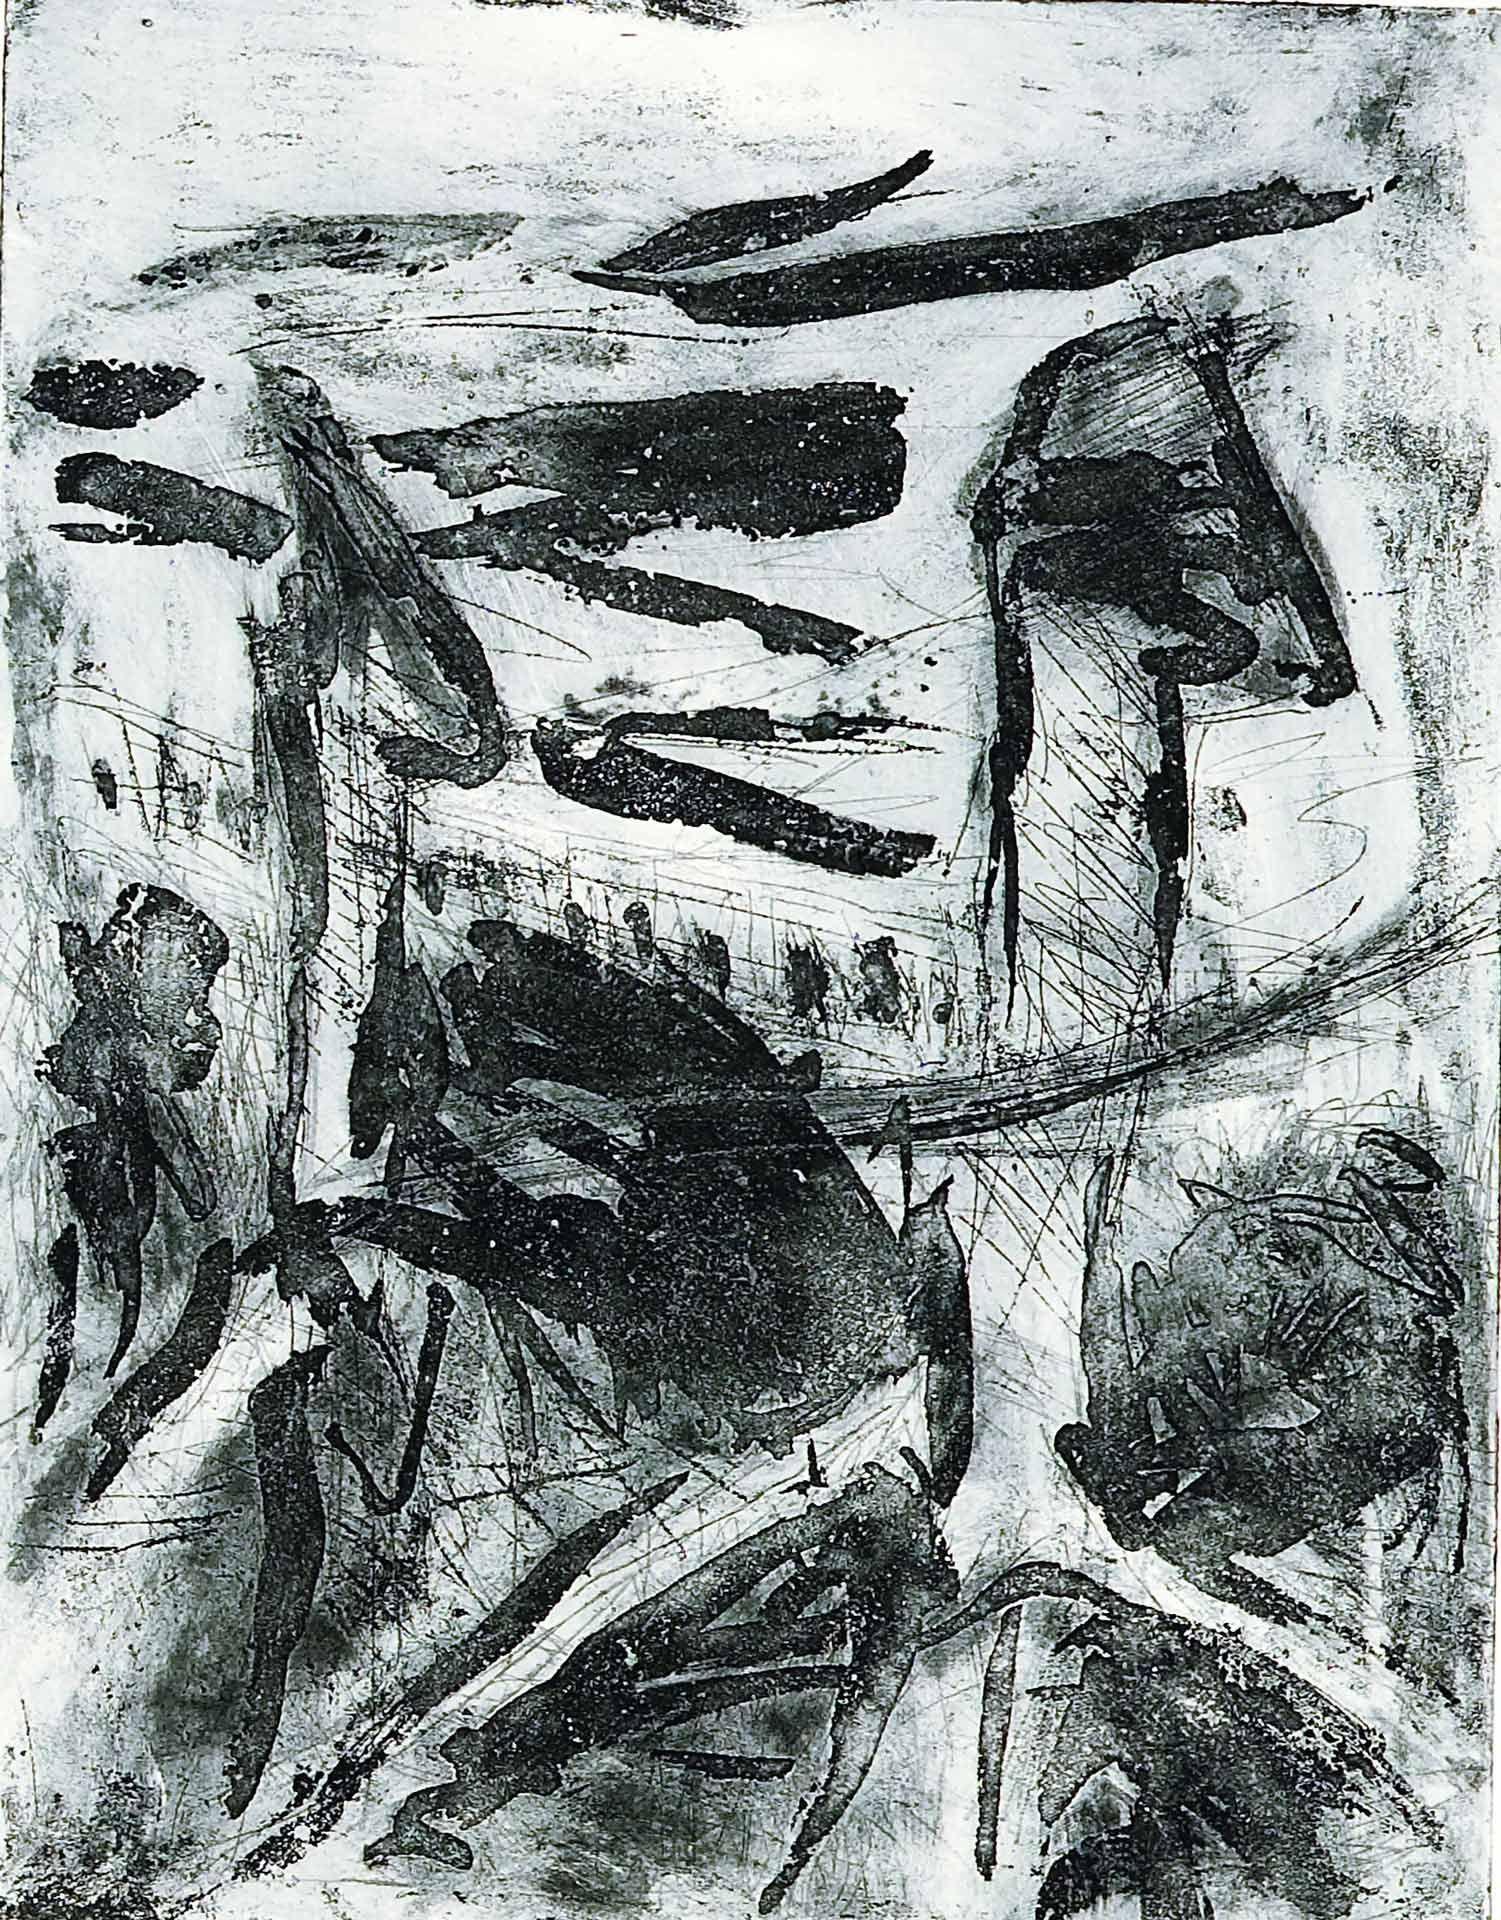 Georg Baselitz (né en 1938), Sans titre (Arbre), 1977/1980, pointe sèche, aquatinte. MBAM, don de Hilliard T. Goldfarb en l'honneur de Renata et Michal Hornstein. © Georg Baselitz 2020